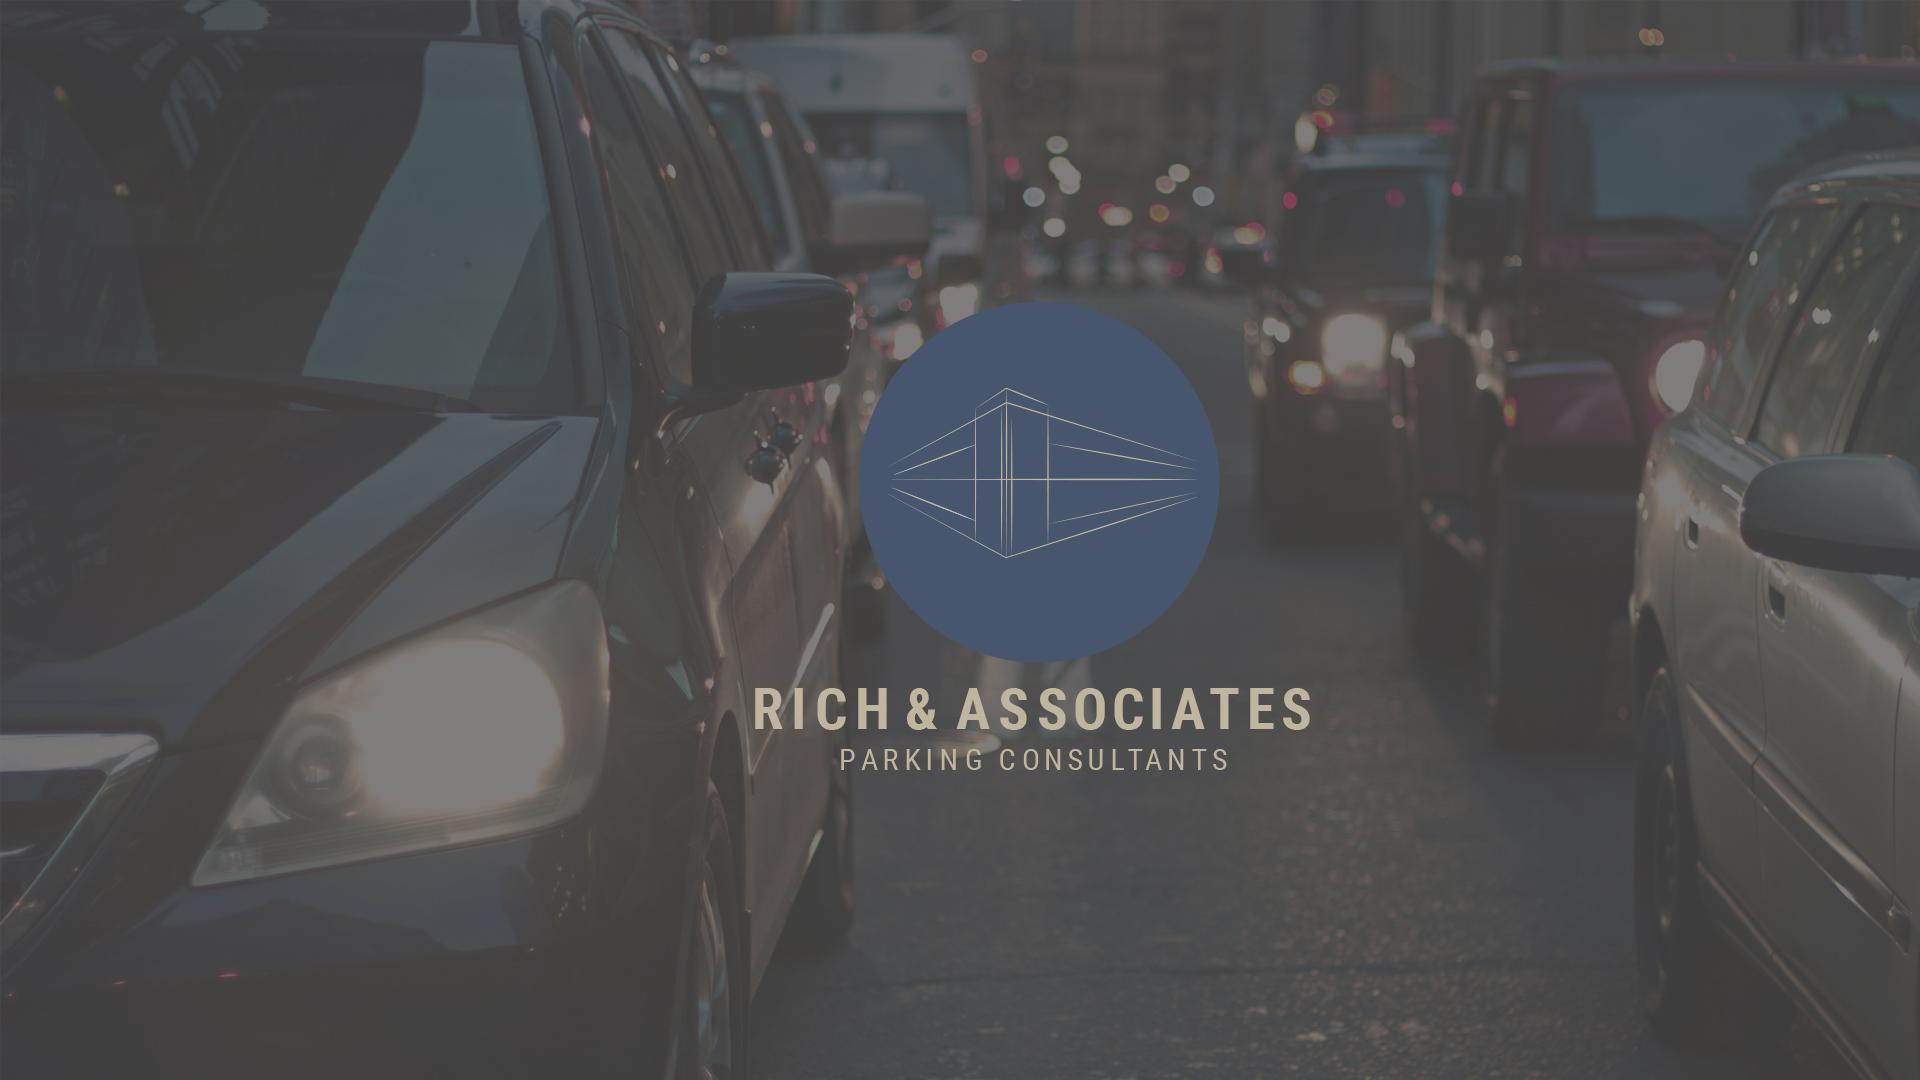 Rich & Associates